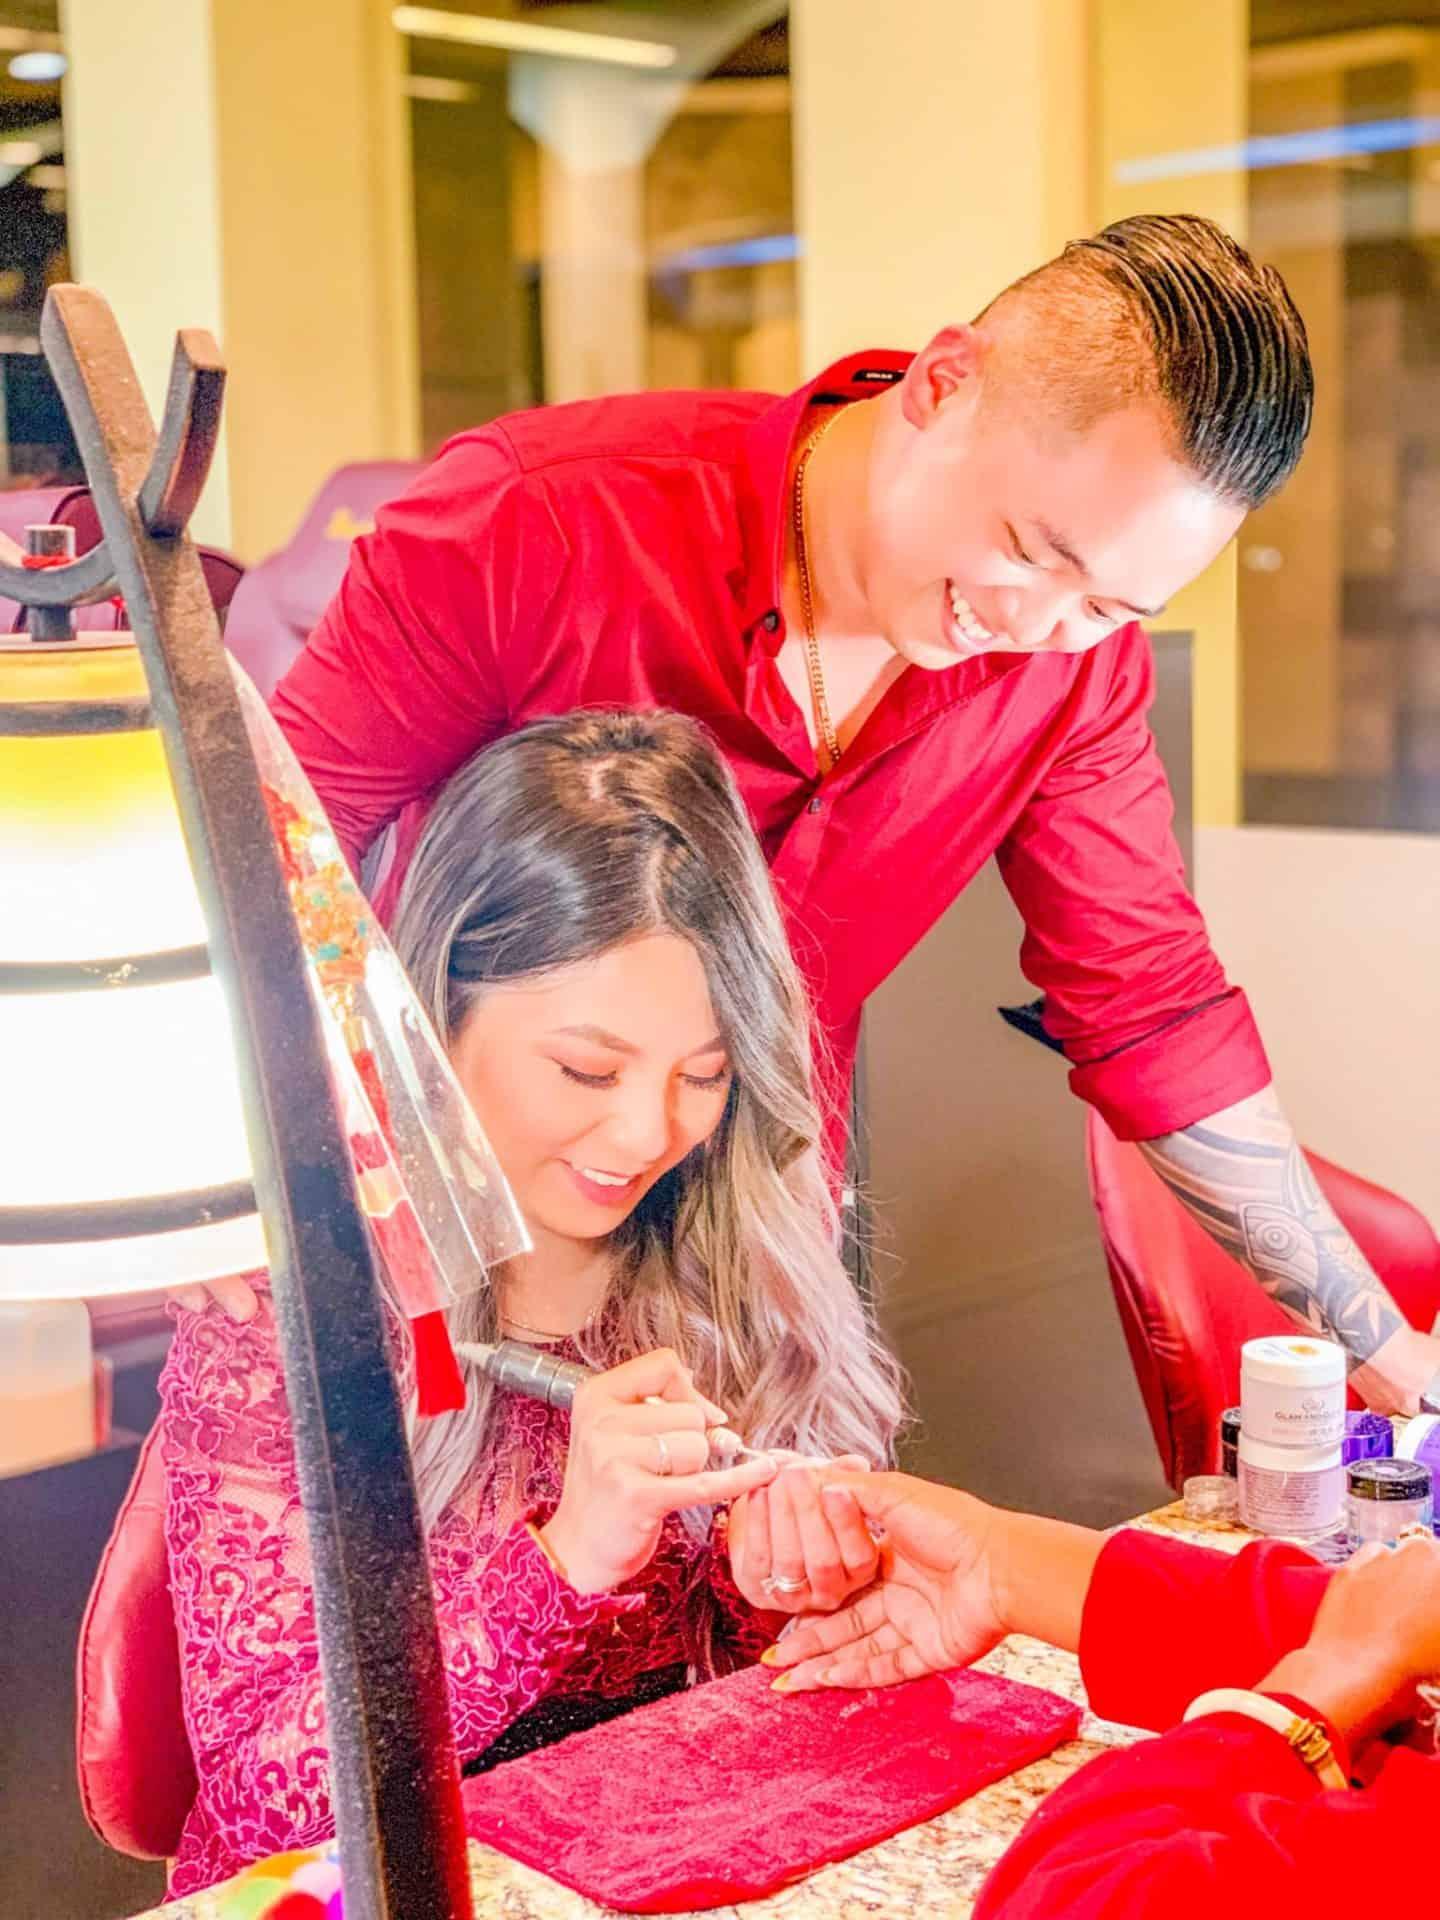 ShaundaNecole.com | Meet Natalie & David, Nail Professionals at Wonder Nails